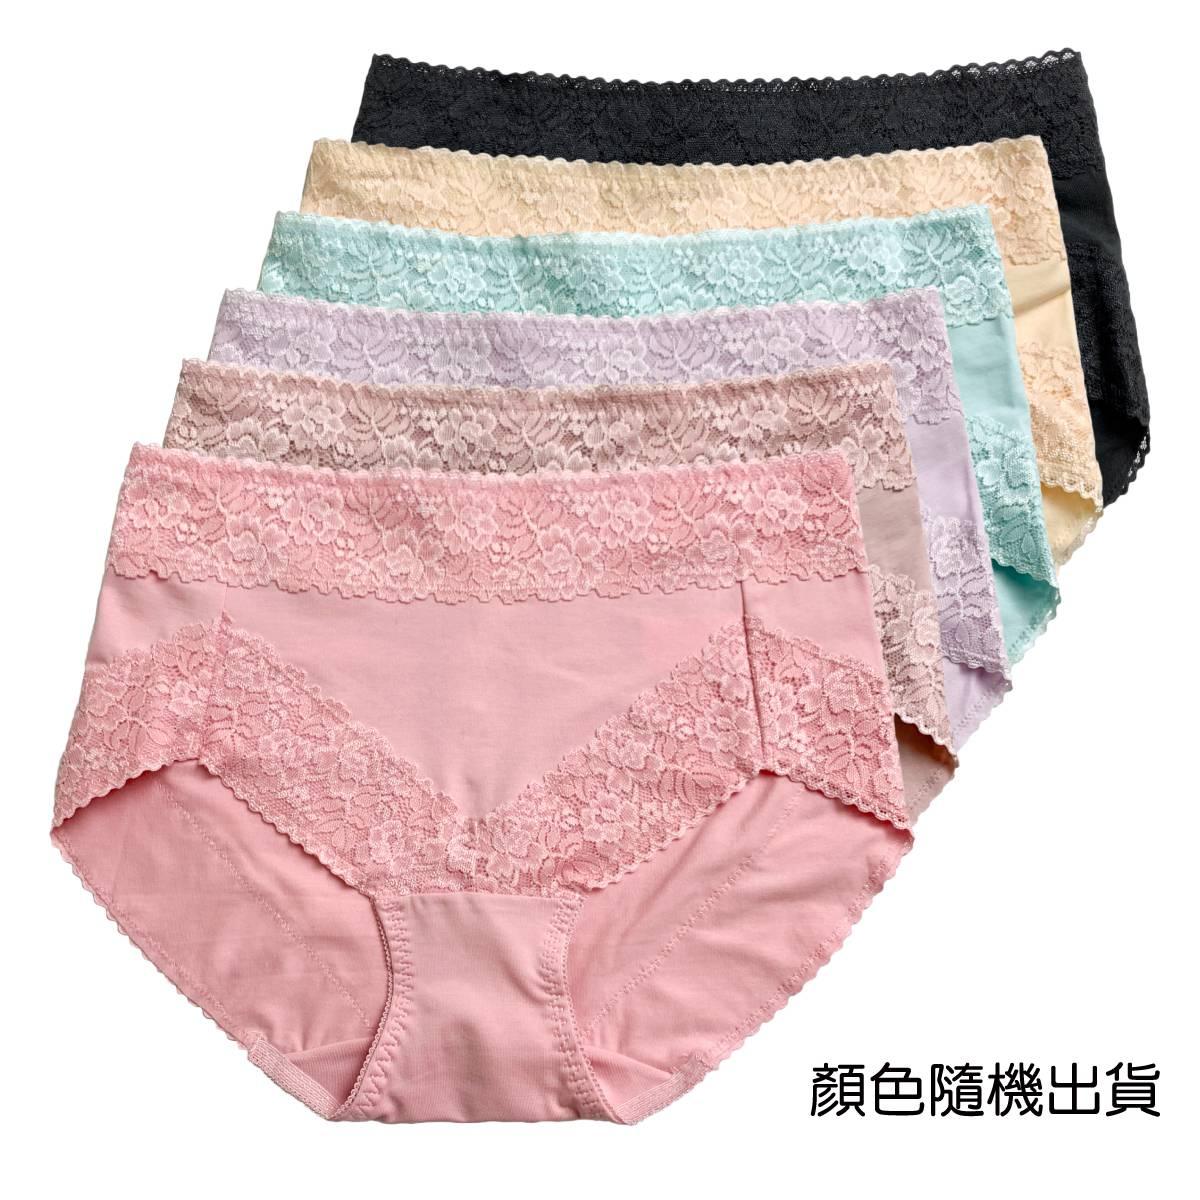 【羋亞可】棉+莫代爾透氣蕾絲花邊女內褲0209 中腰 L碼(顏色隨機出貨)